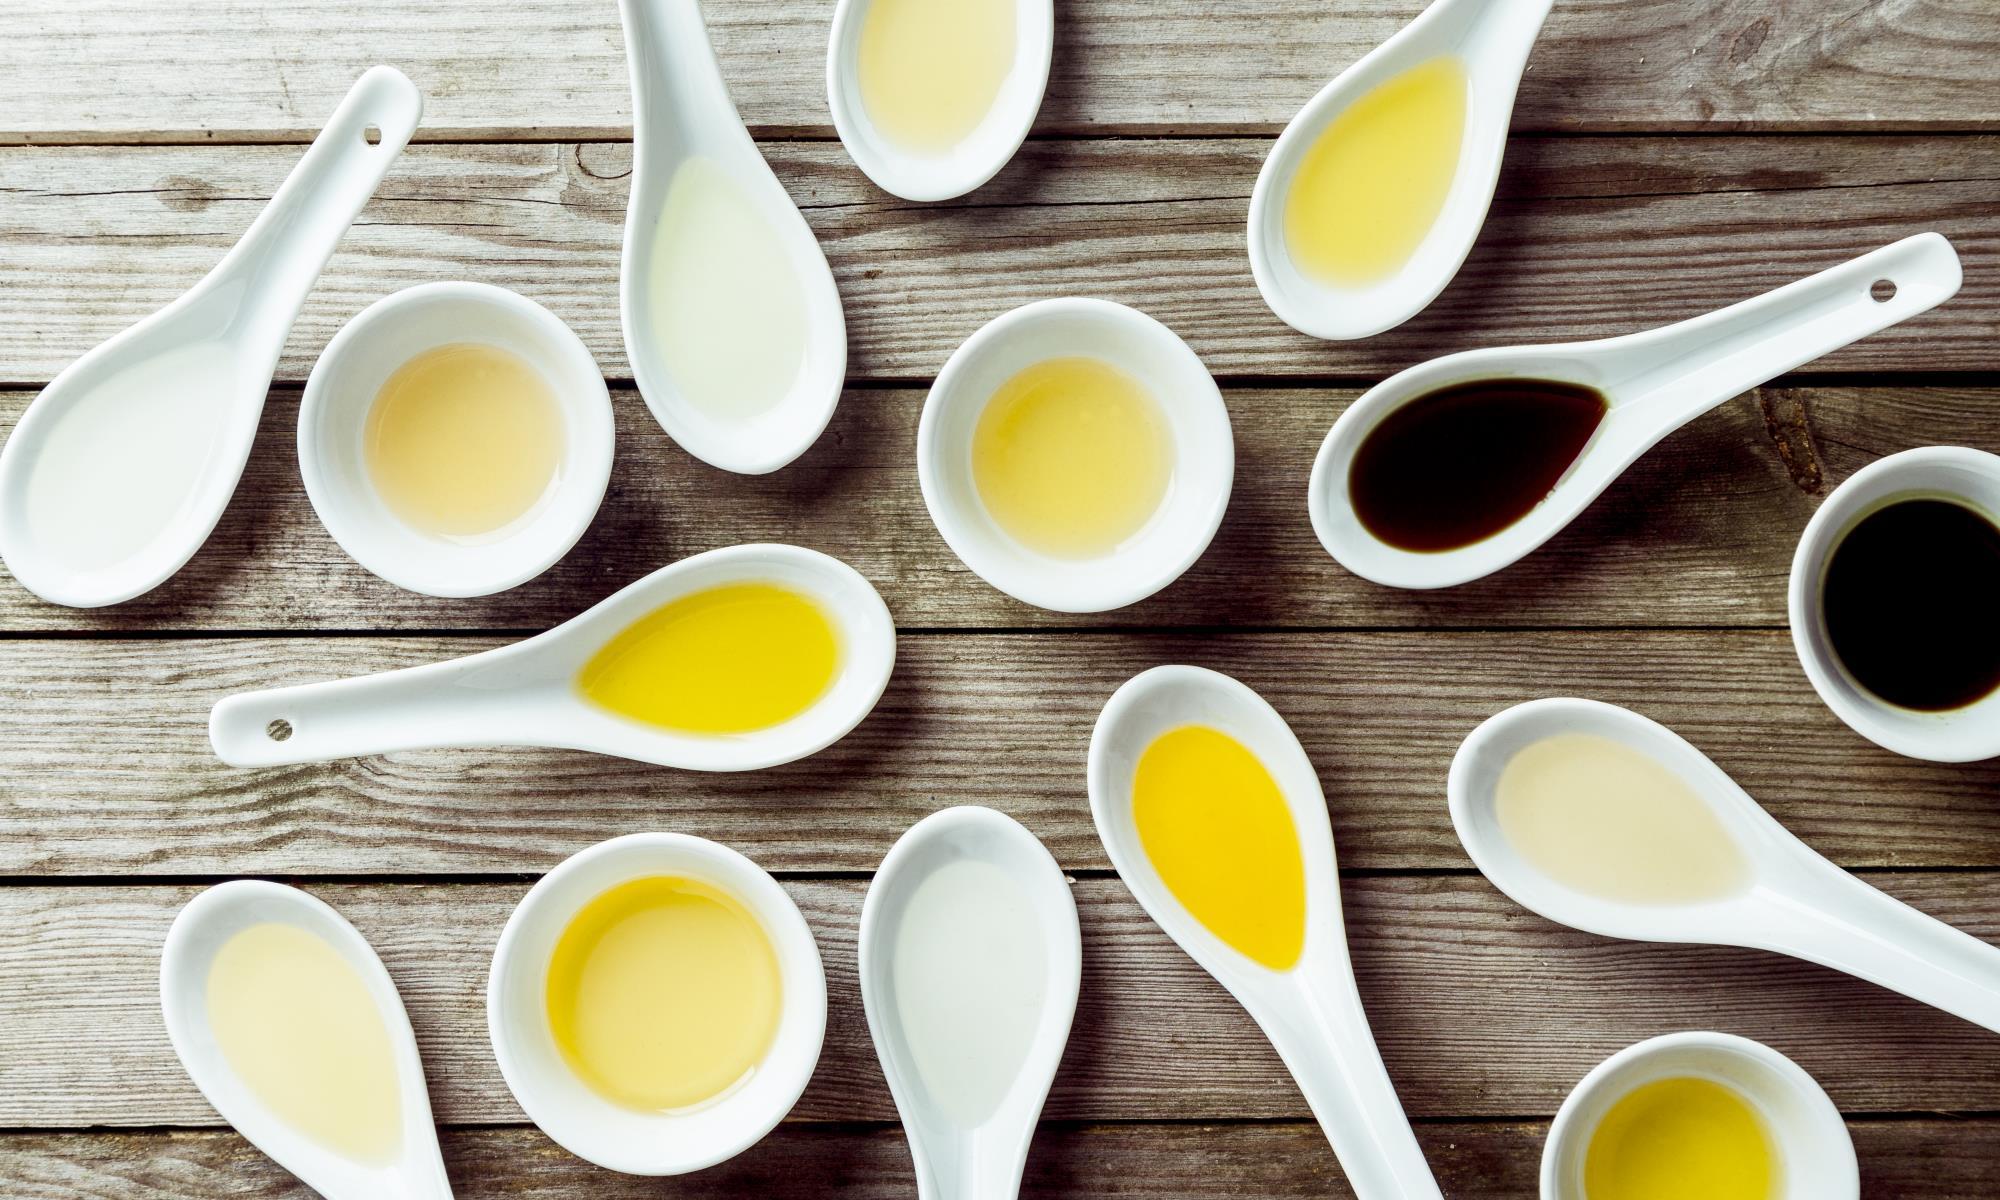 hvilken olie er bedst - træbord med skeer fyldt af gule og mørke olier